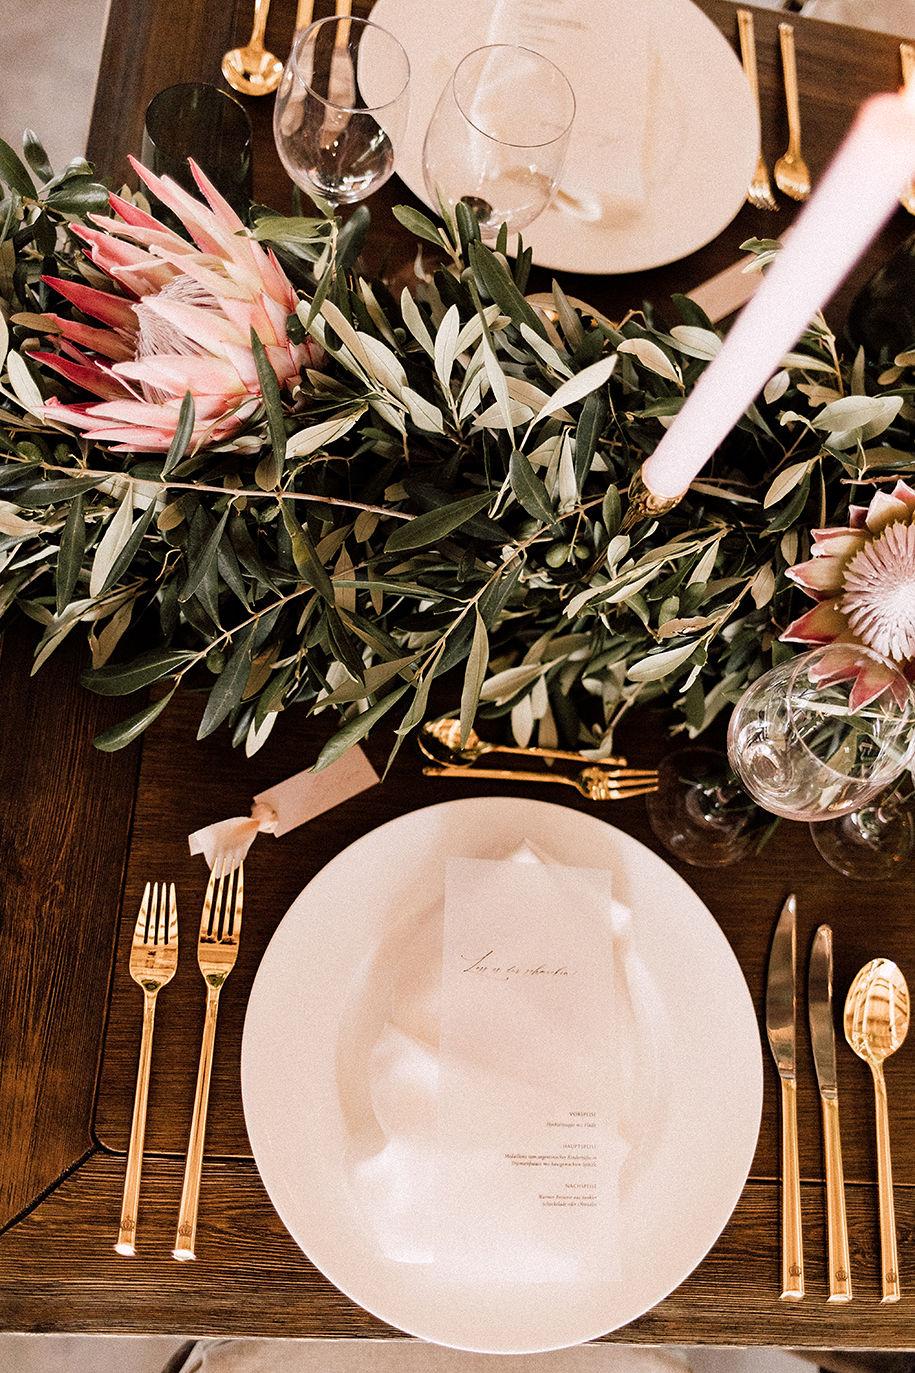 Hochzeits-Catering für das gemeinsame Leben